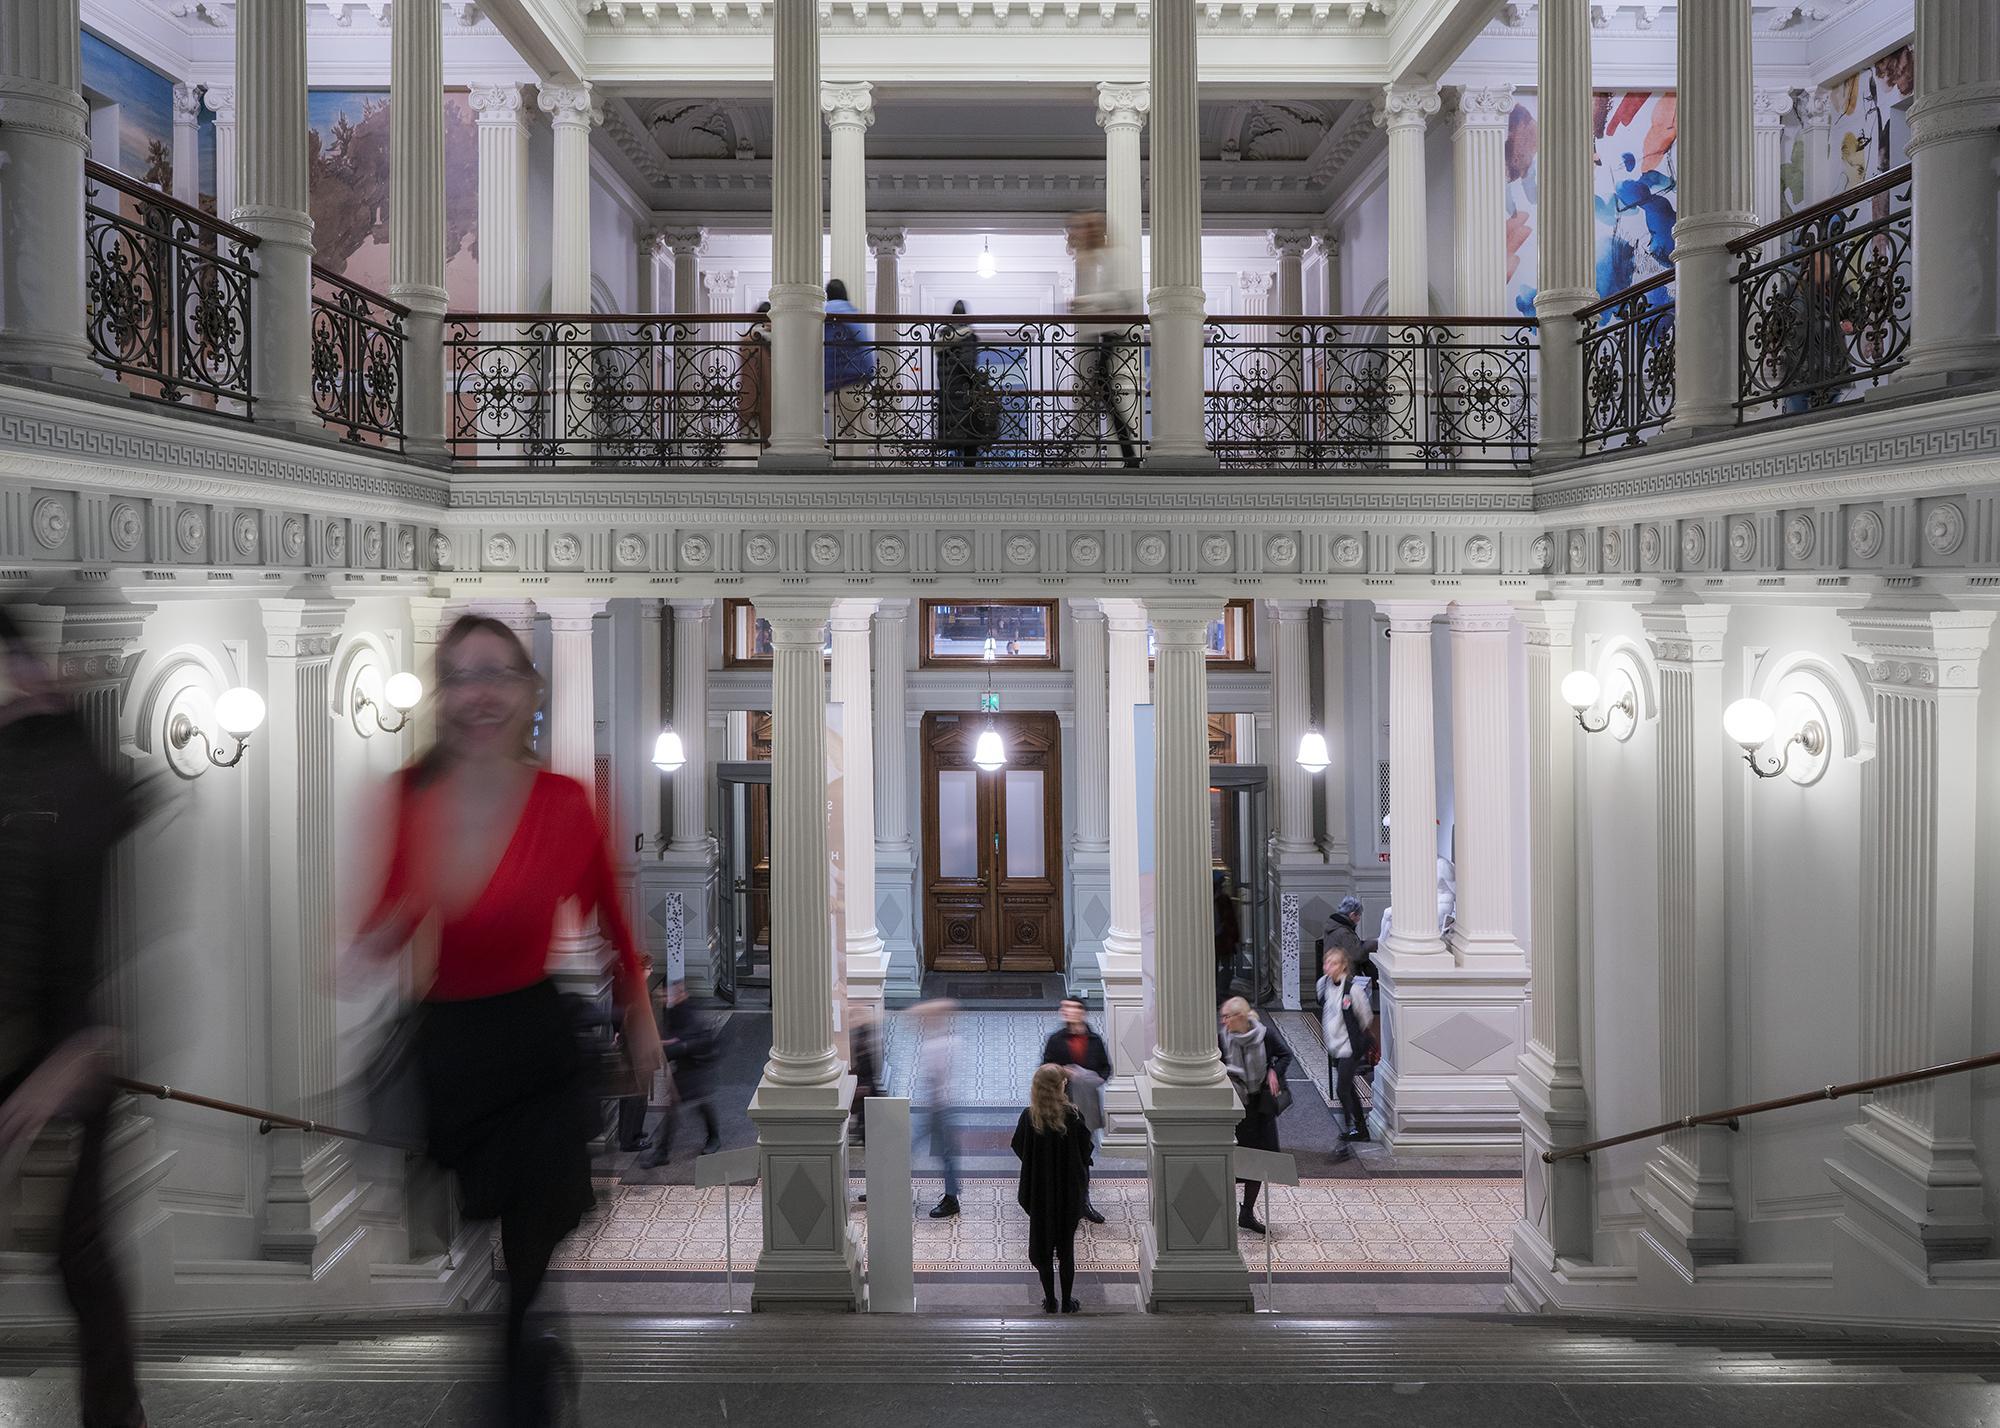 Ihmisiä Ateneumin aulassa ja portaikossa ilmaispäivänä.